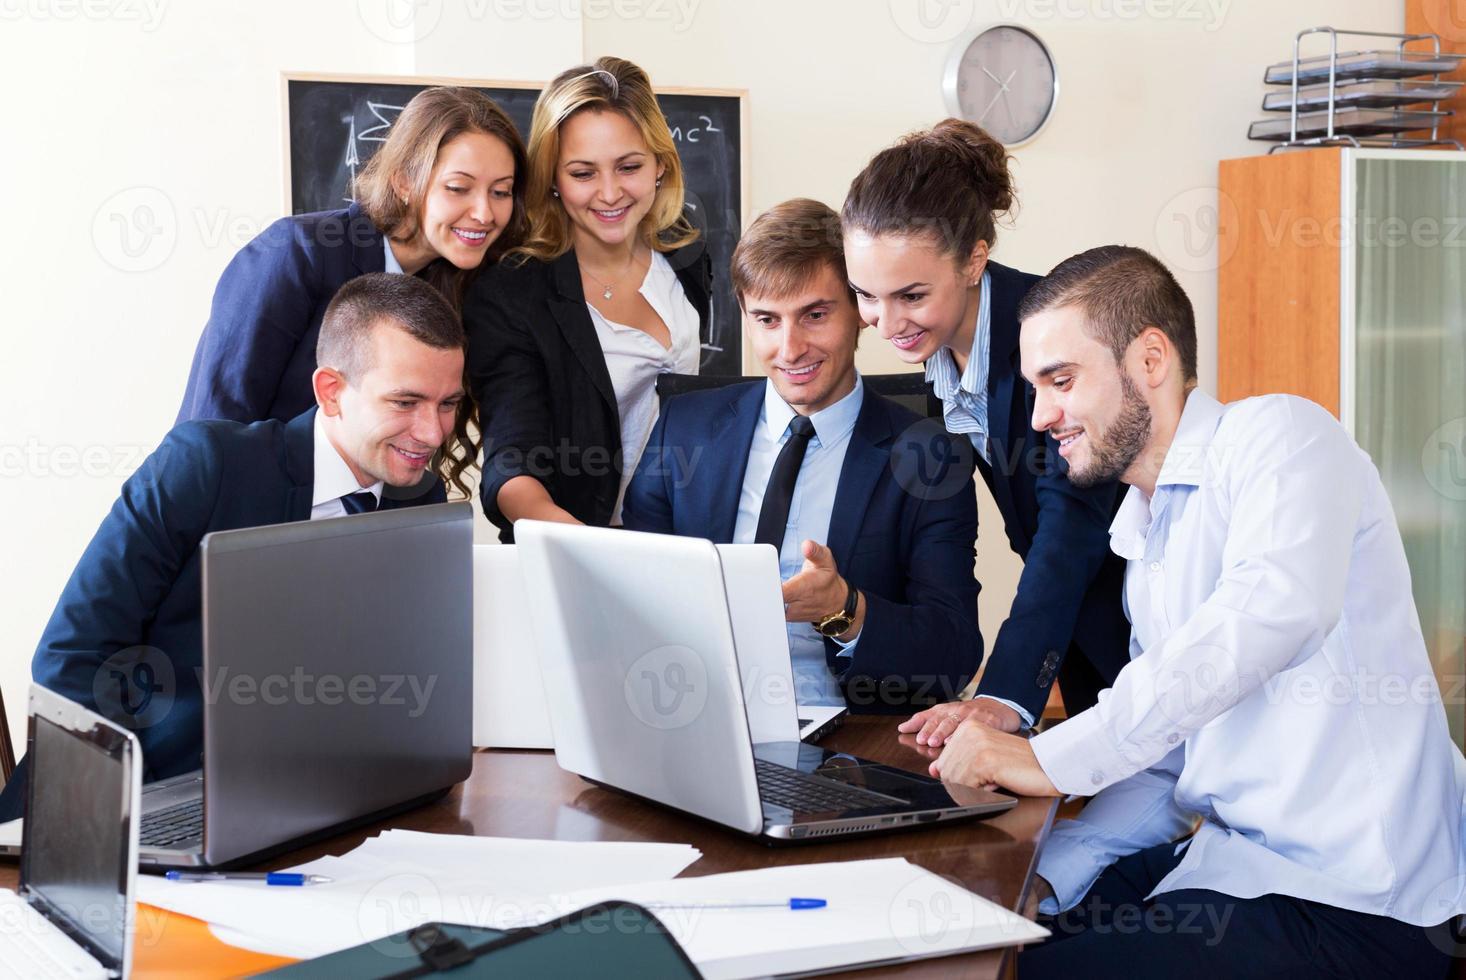 patron avec des fonctionnaires subordonnés discutant photo